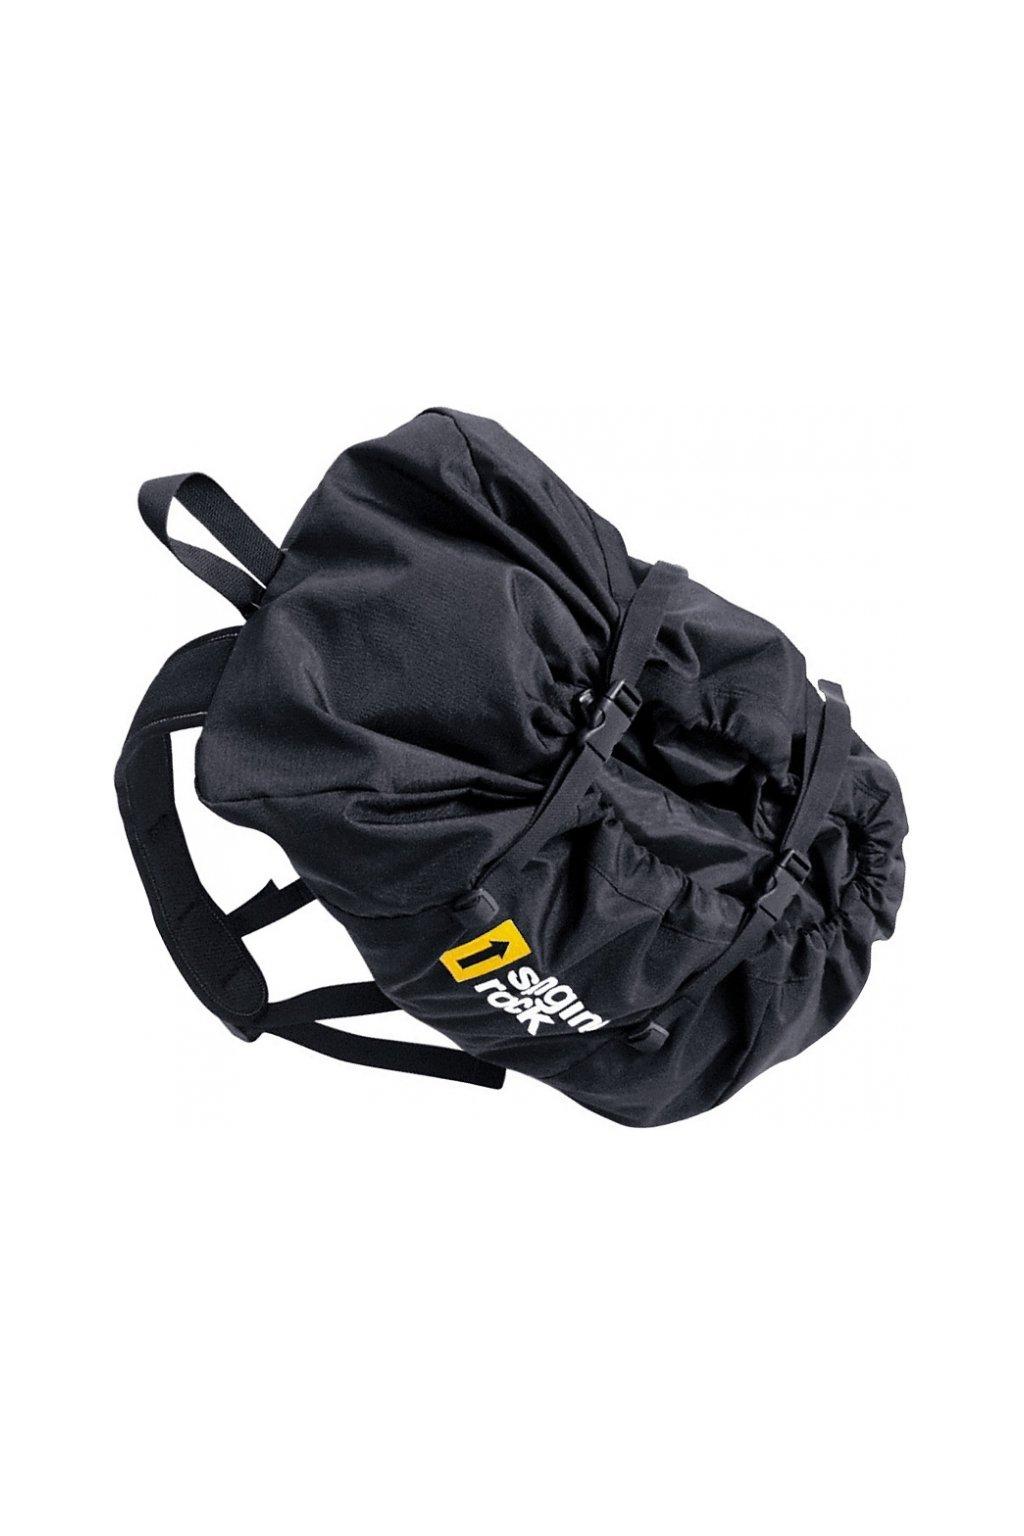 rope bag singing rock